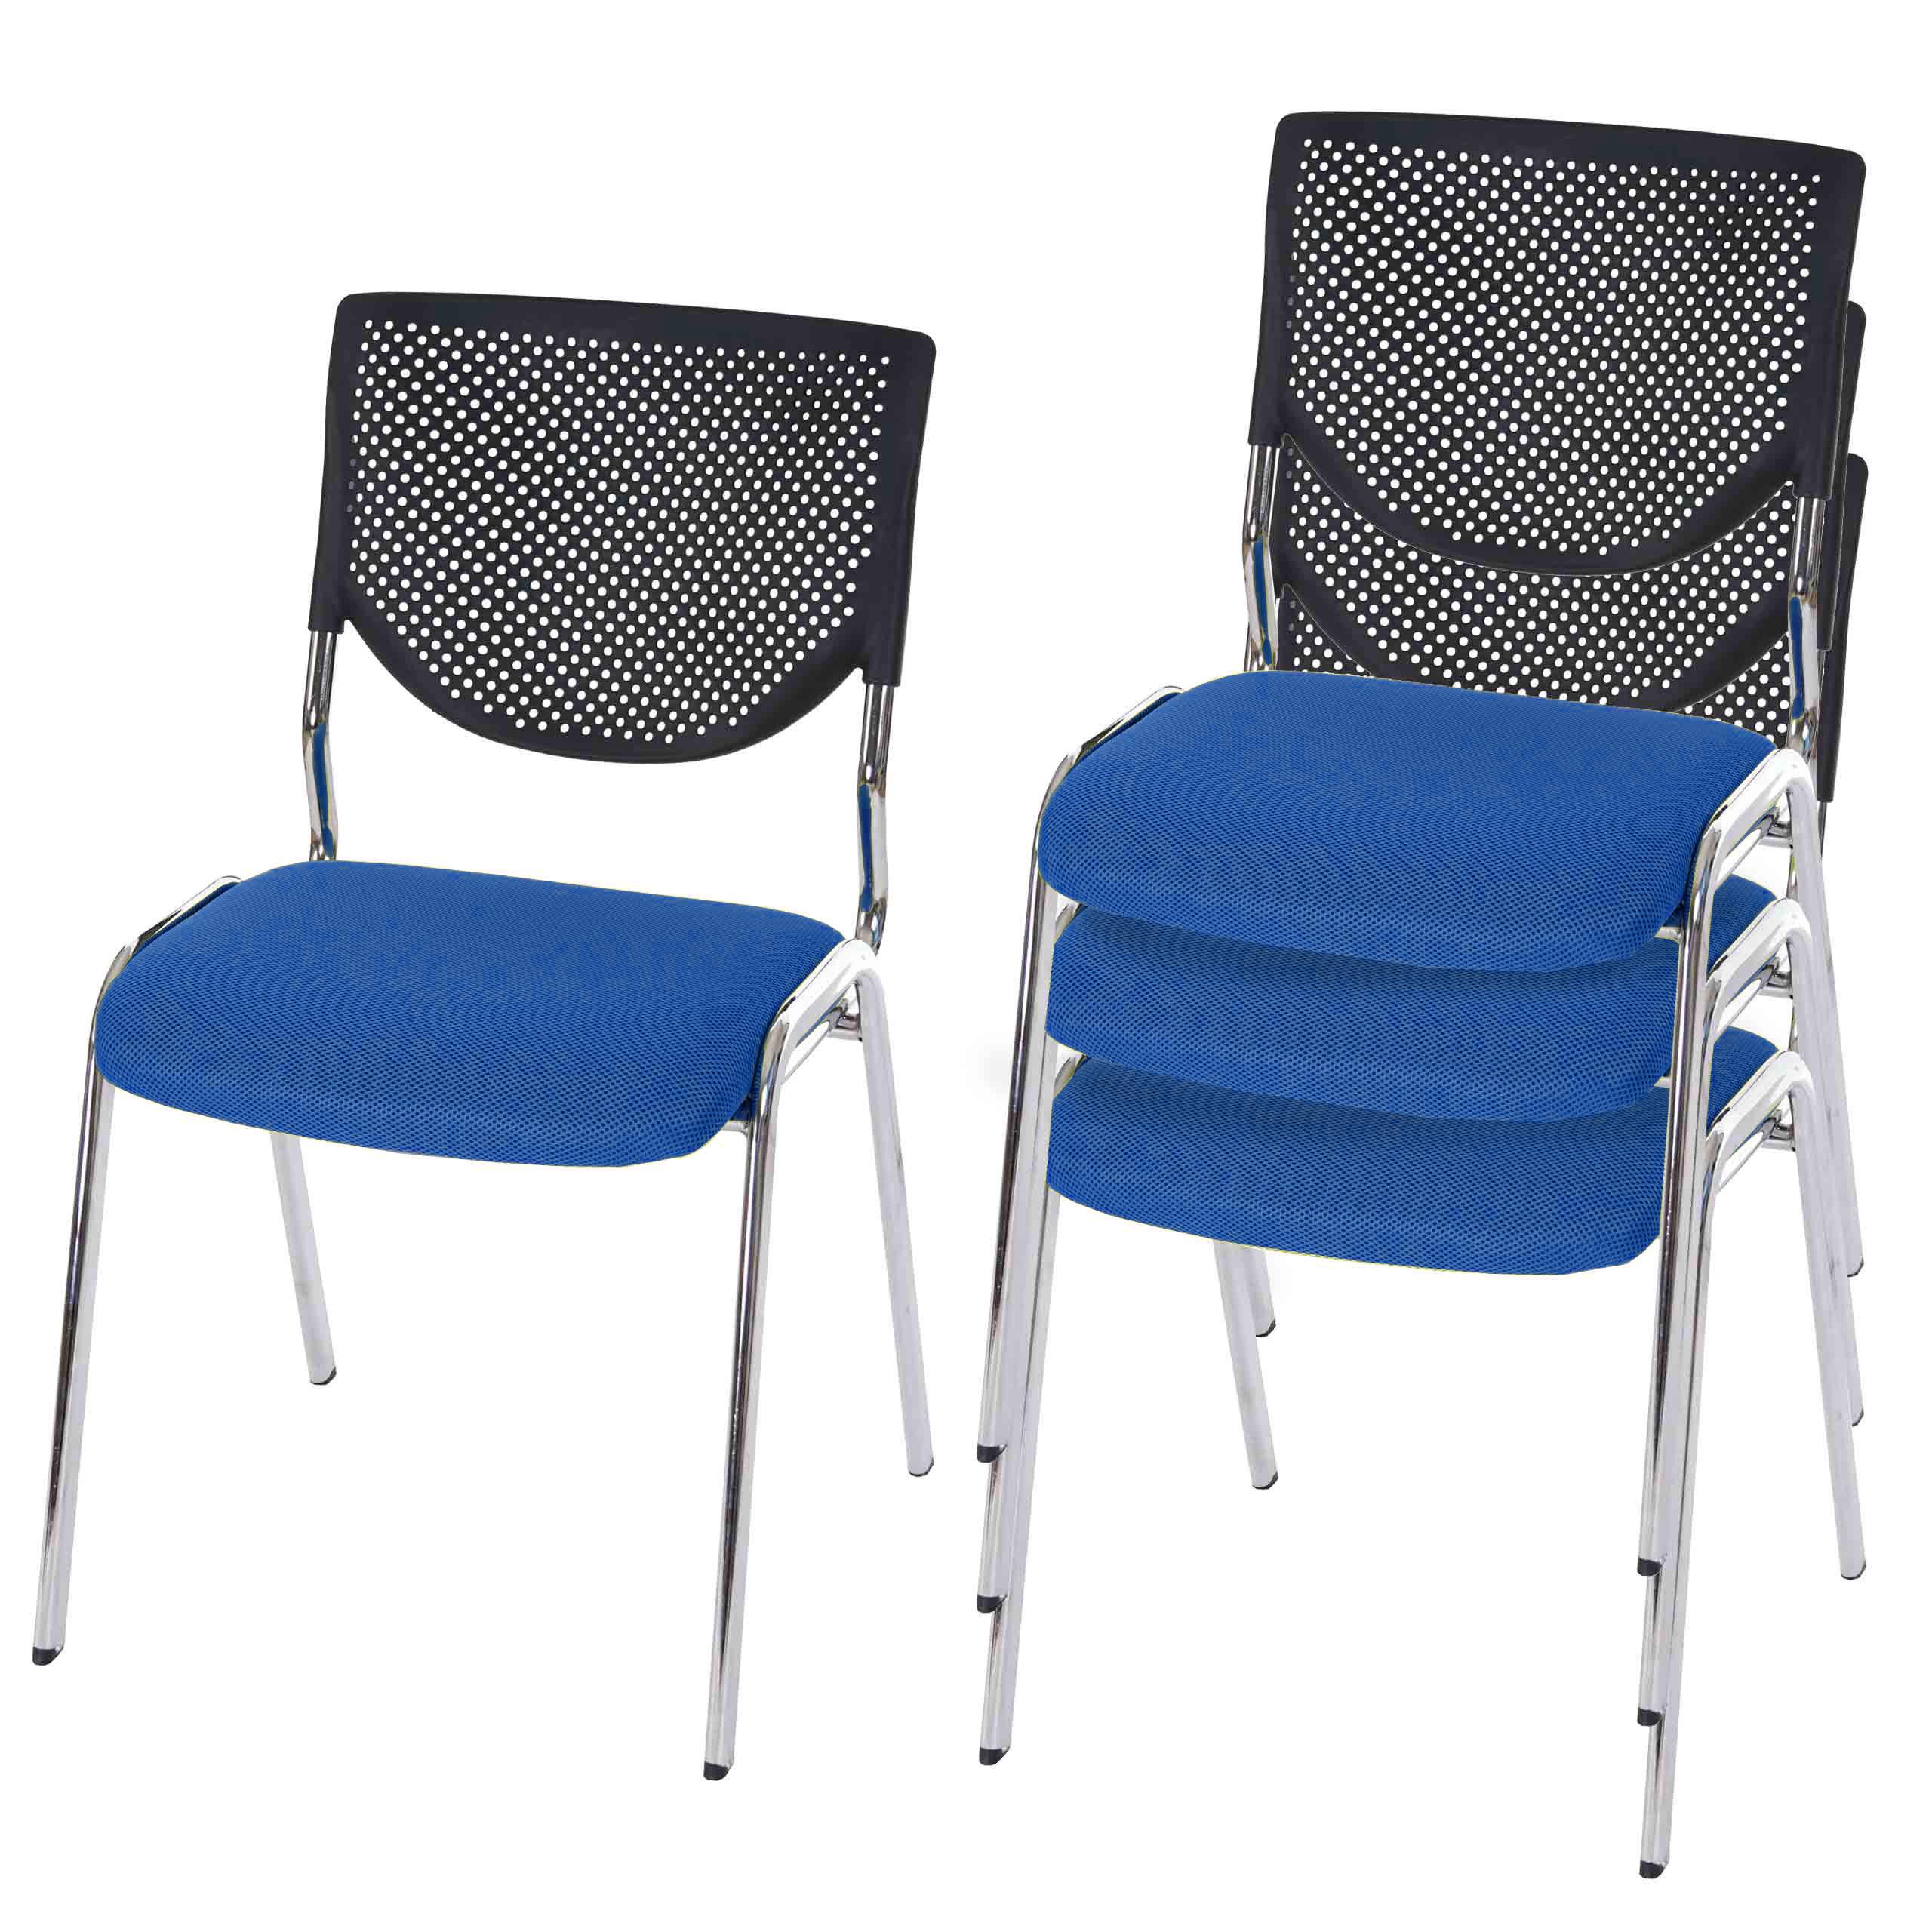 4x besucherstuhl h401 konferenzstuhl textil sitz blau f e chrom ebay. Black Bedroom Furniture Sets. Home Design Ideas